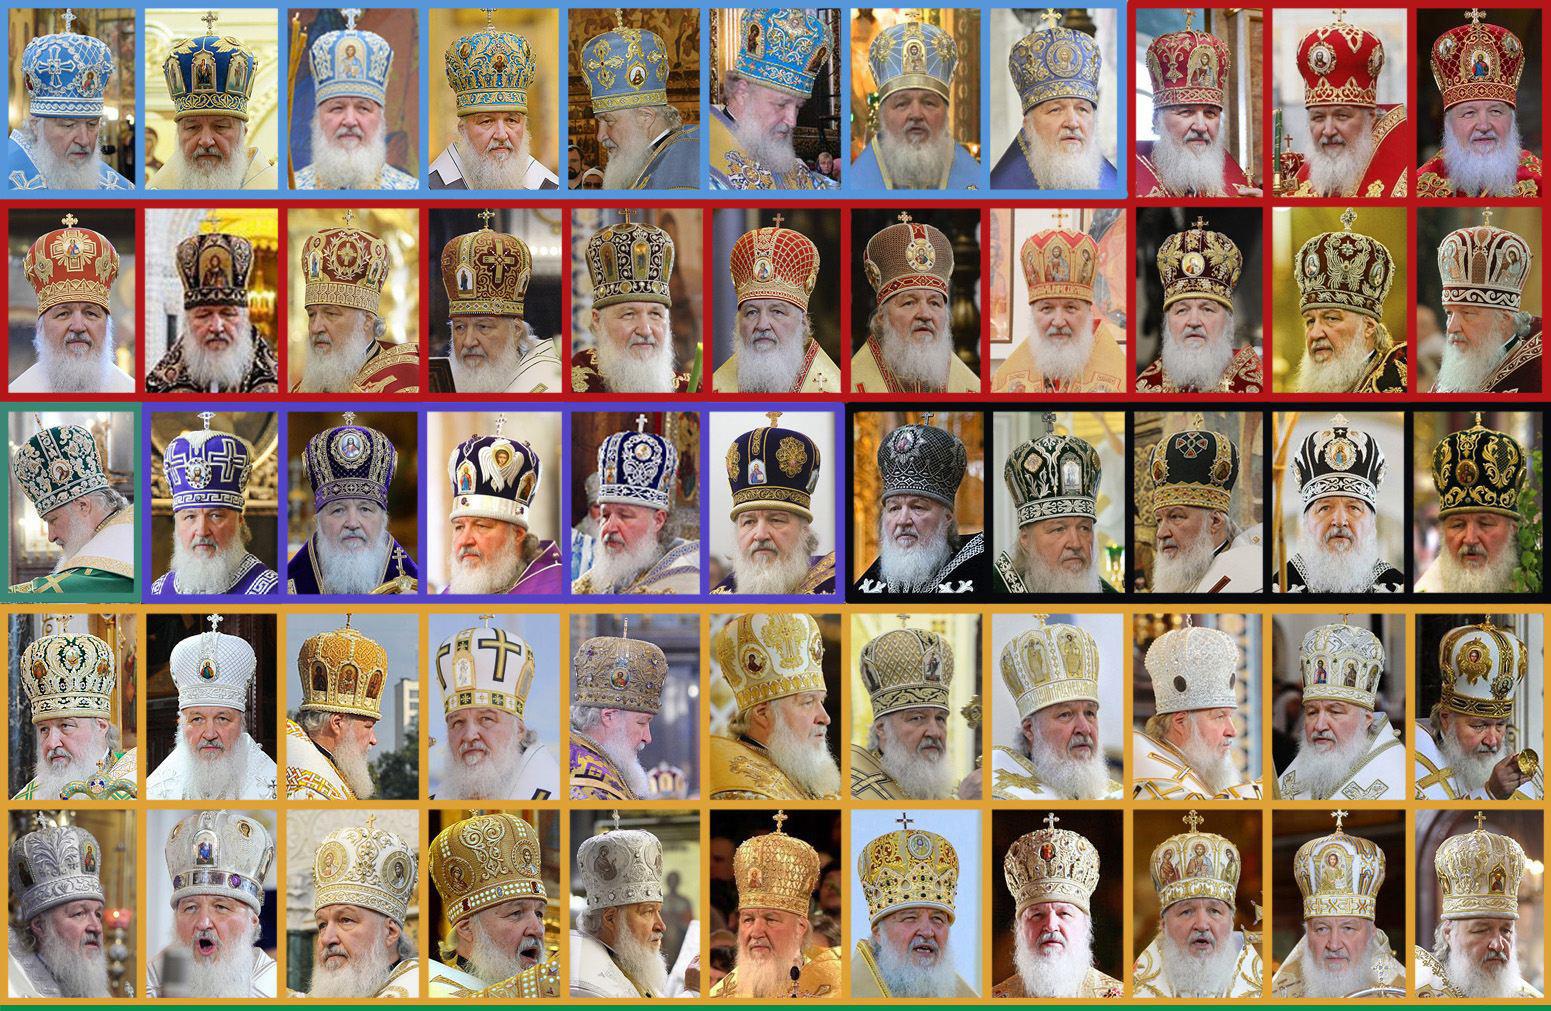 """""""Януковича на него не хватает! Он бы пощипал эту коллекцию!"""" – соцсети бурно отреагировали на количество головных уборов патриарха Кирилла-Гундяева"""